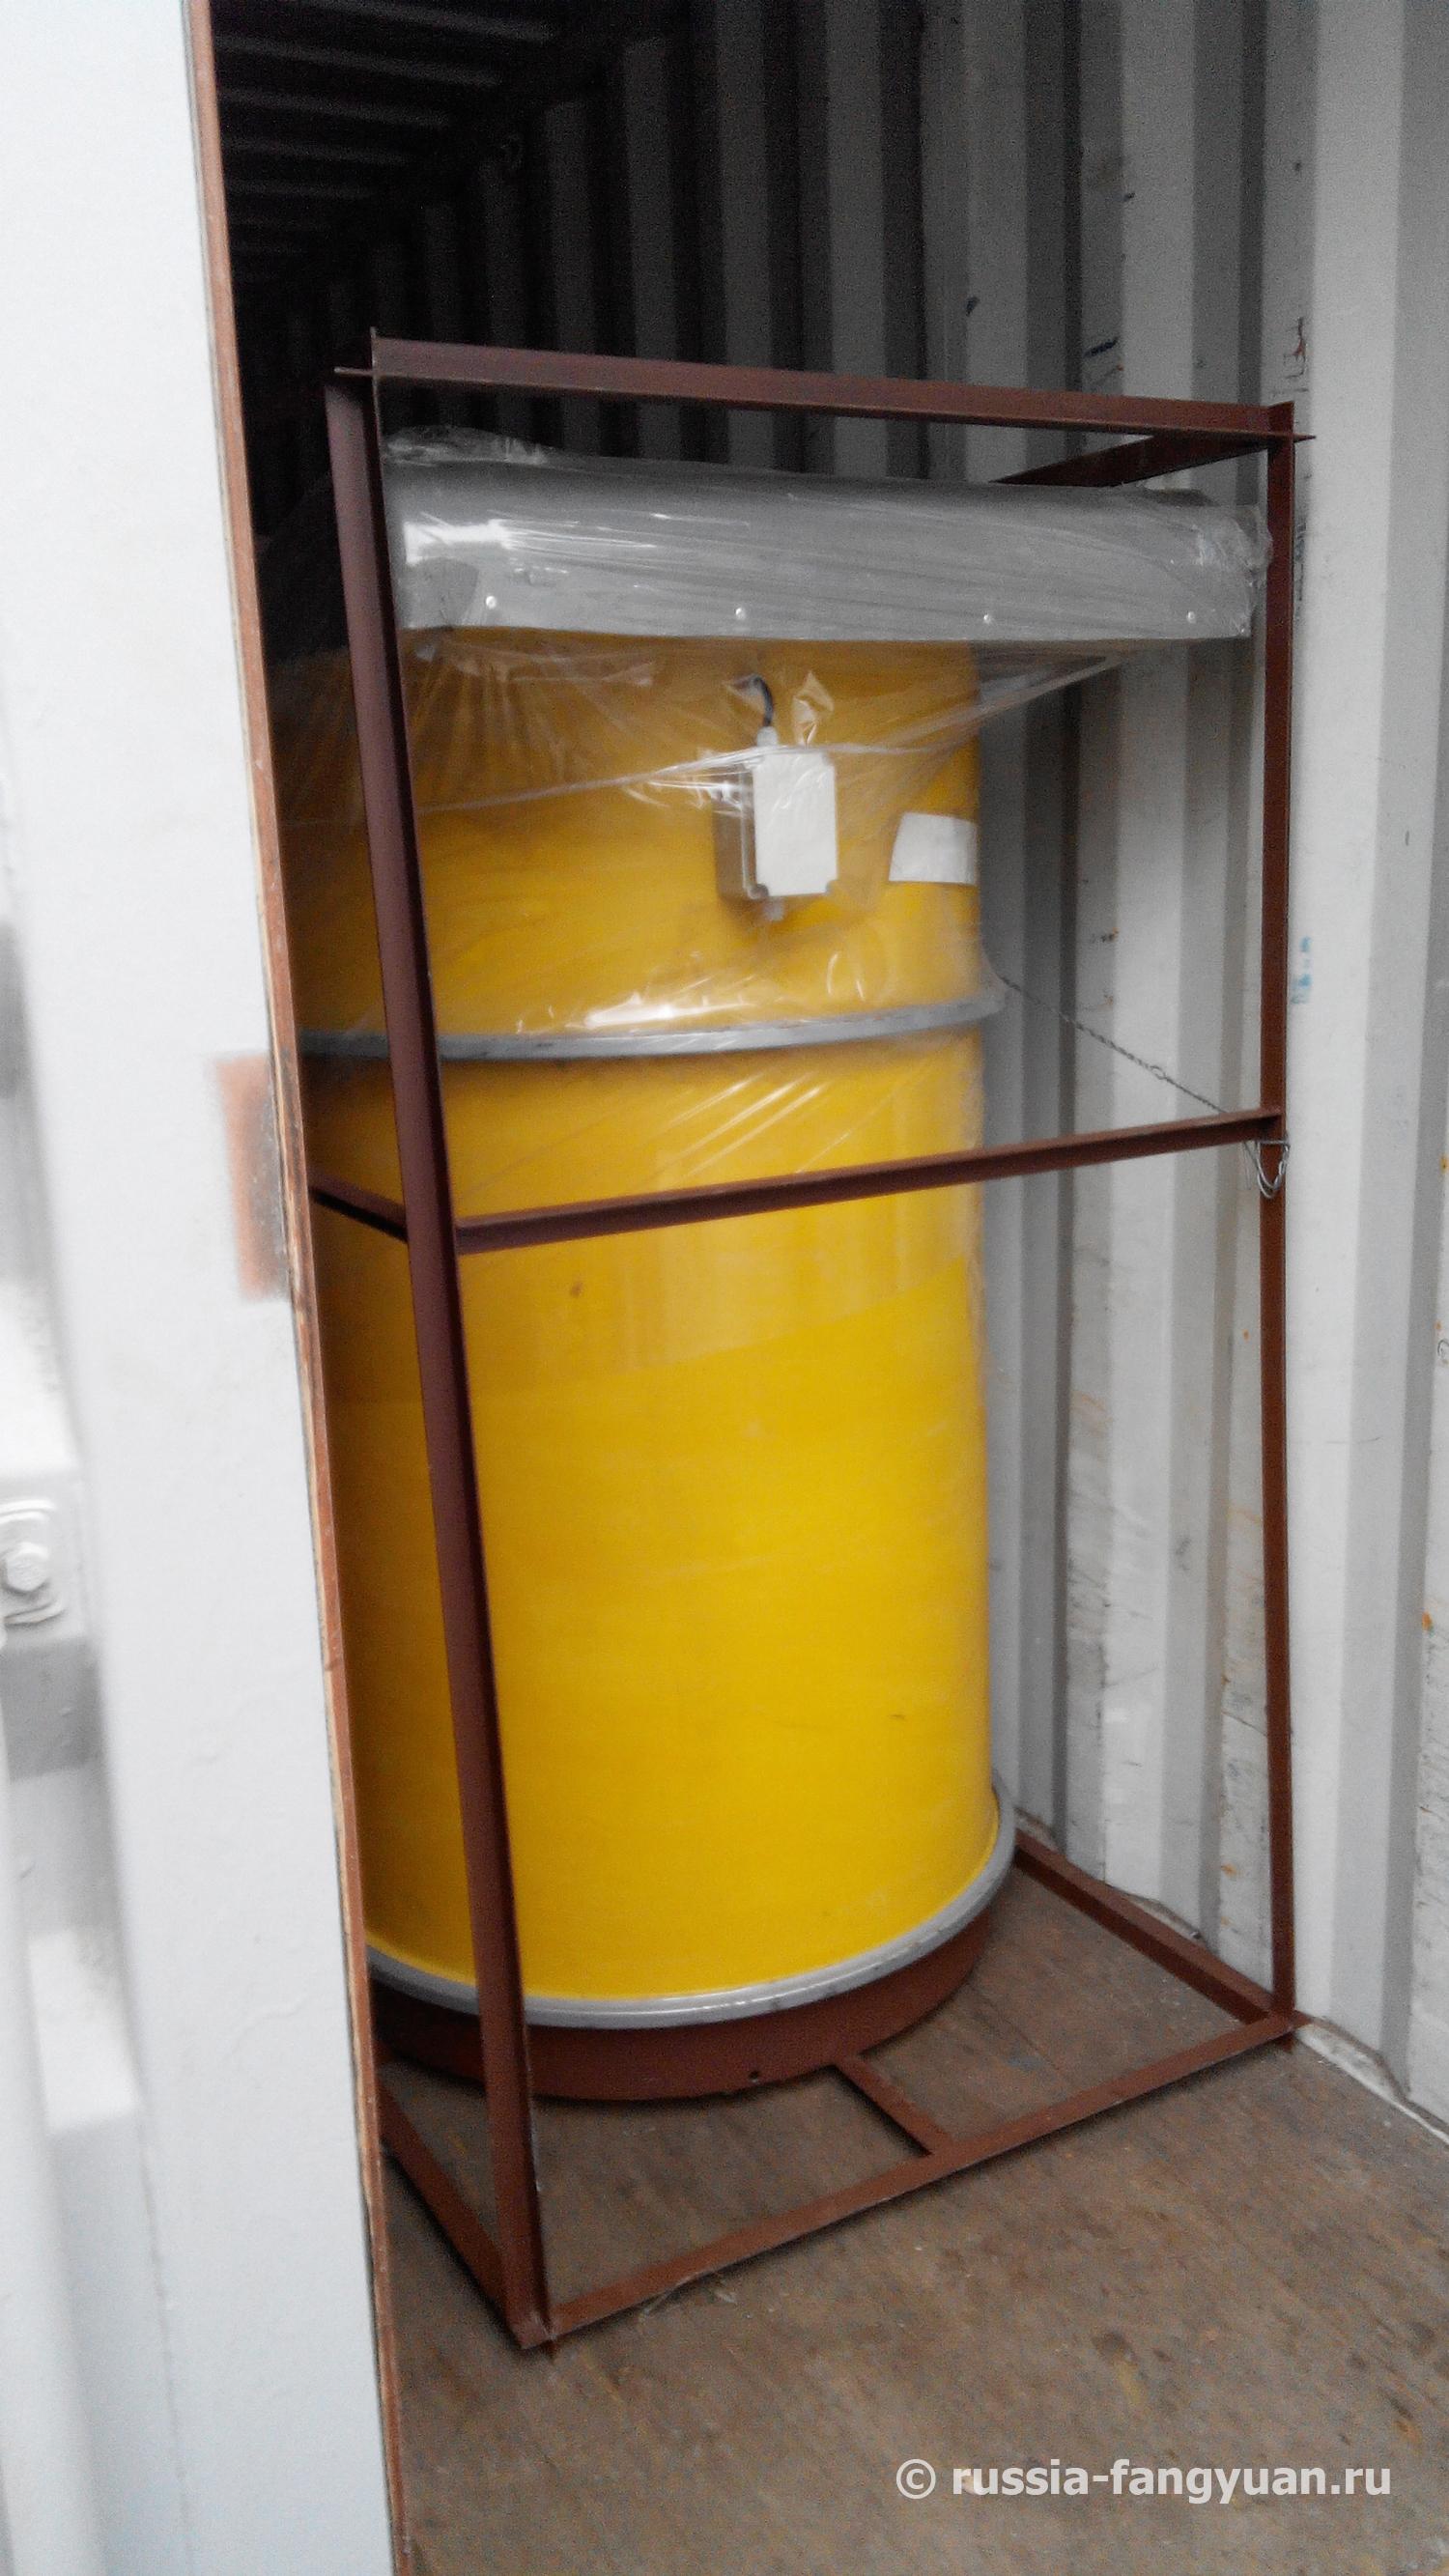 Пылеуловитель цементного силоса (CHQ24)